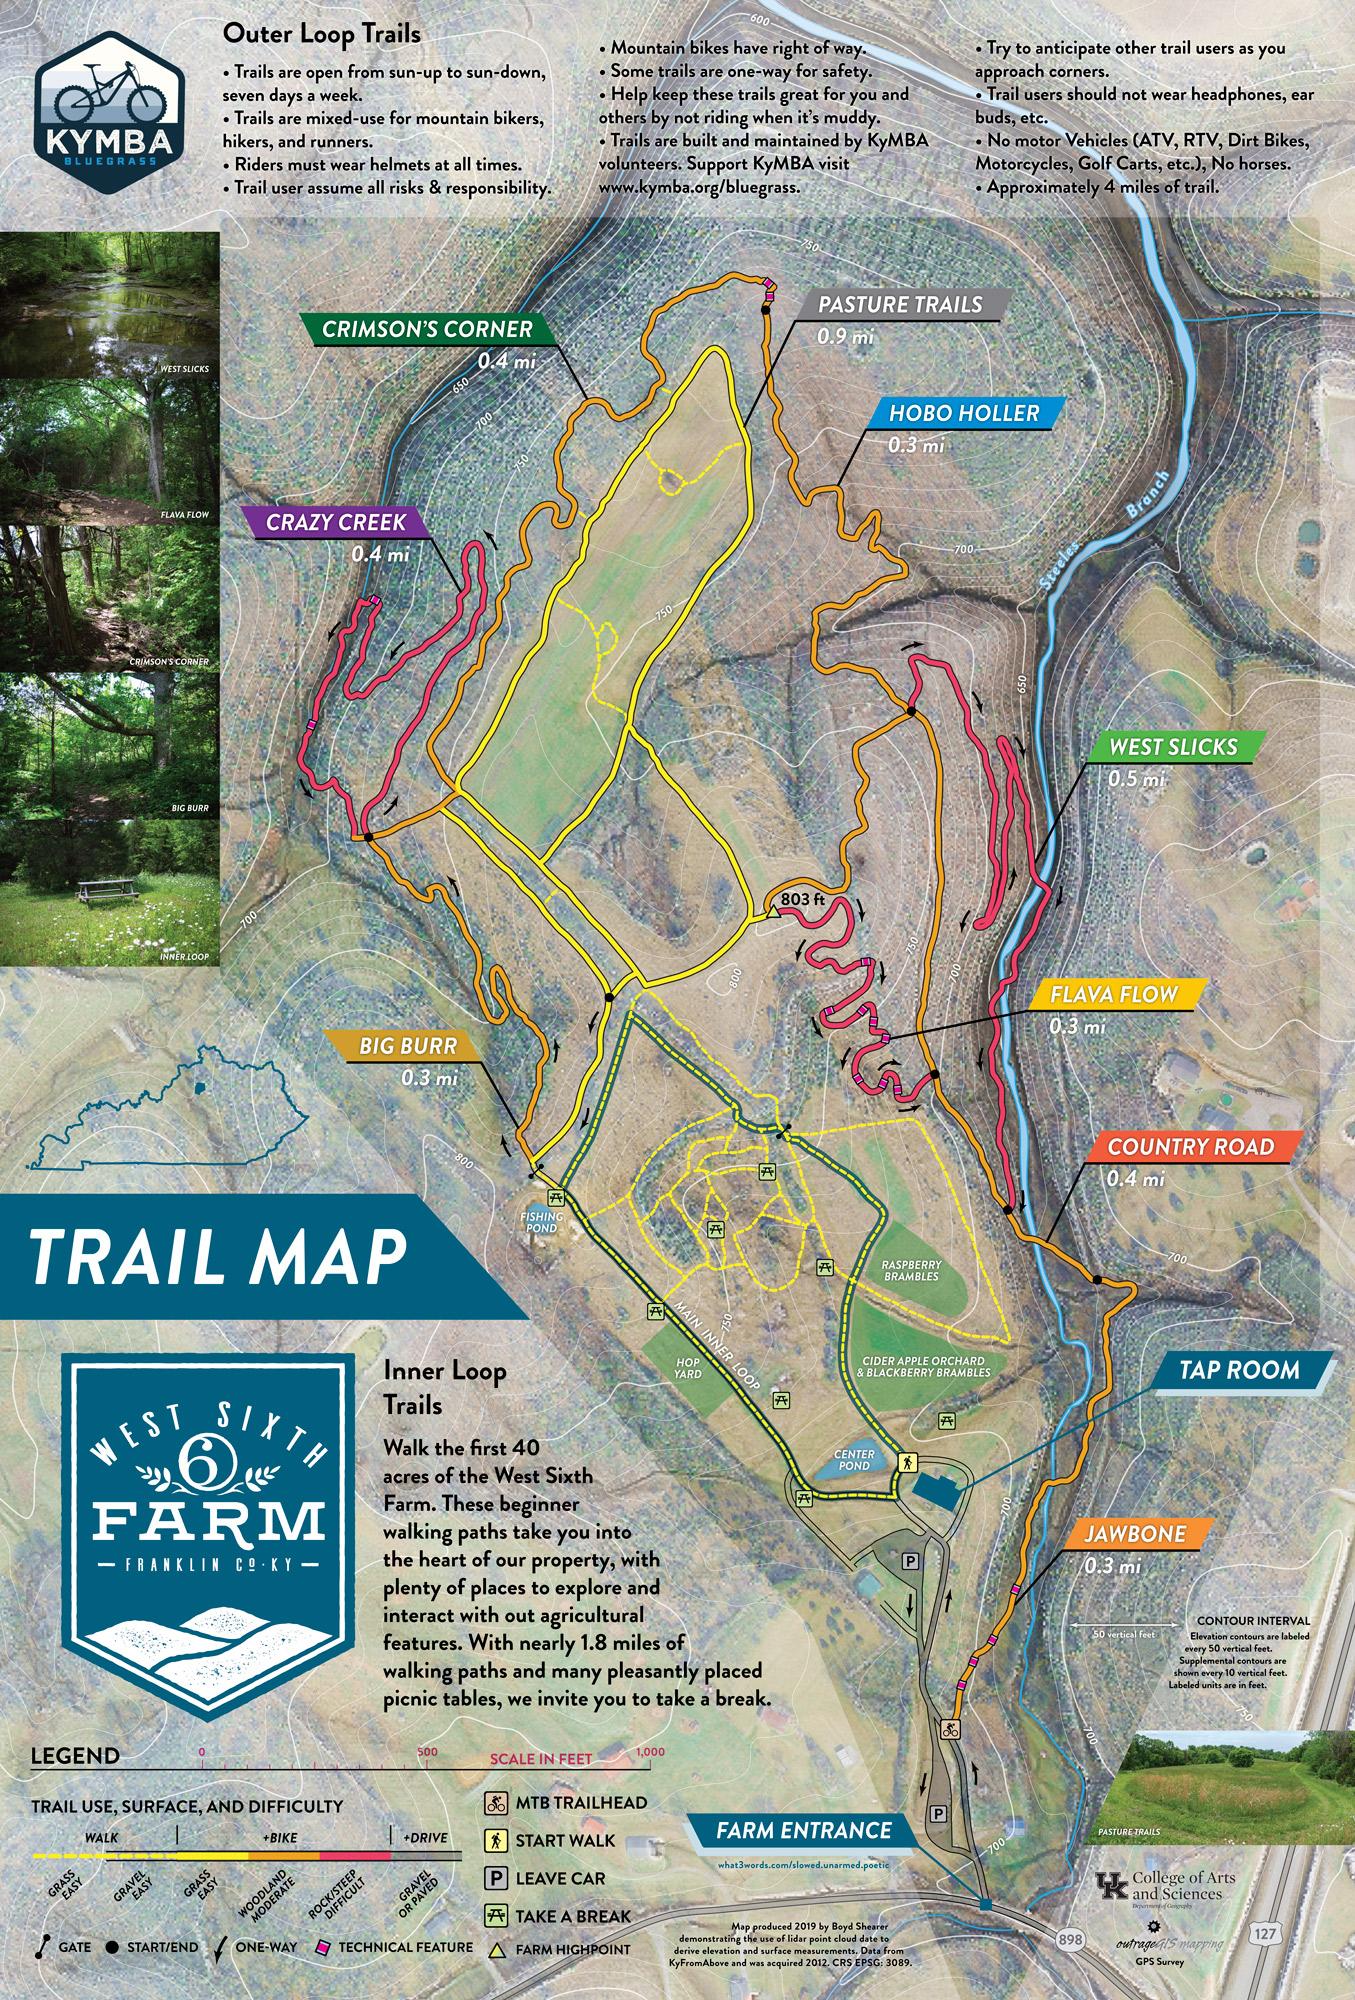 West Sixth Farm trail map